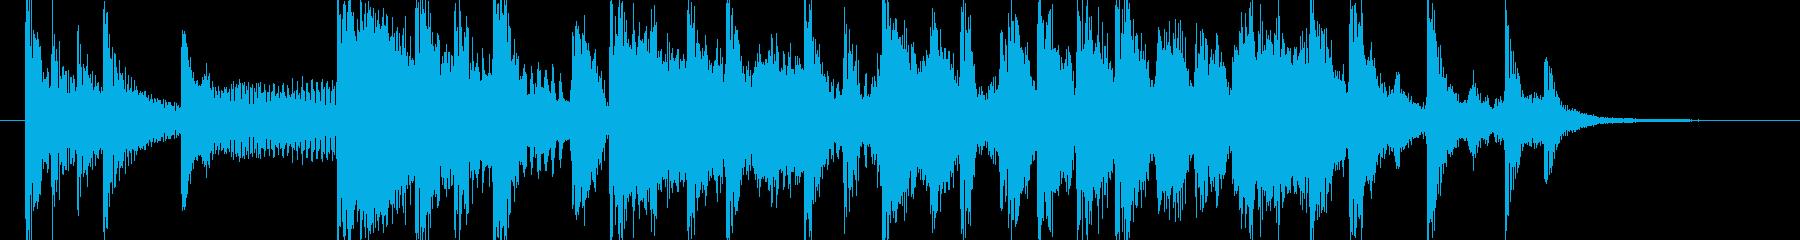 ブラス主体のファンキーなジングルの再生済みの波形